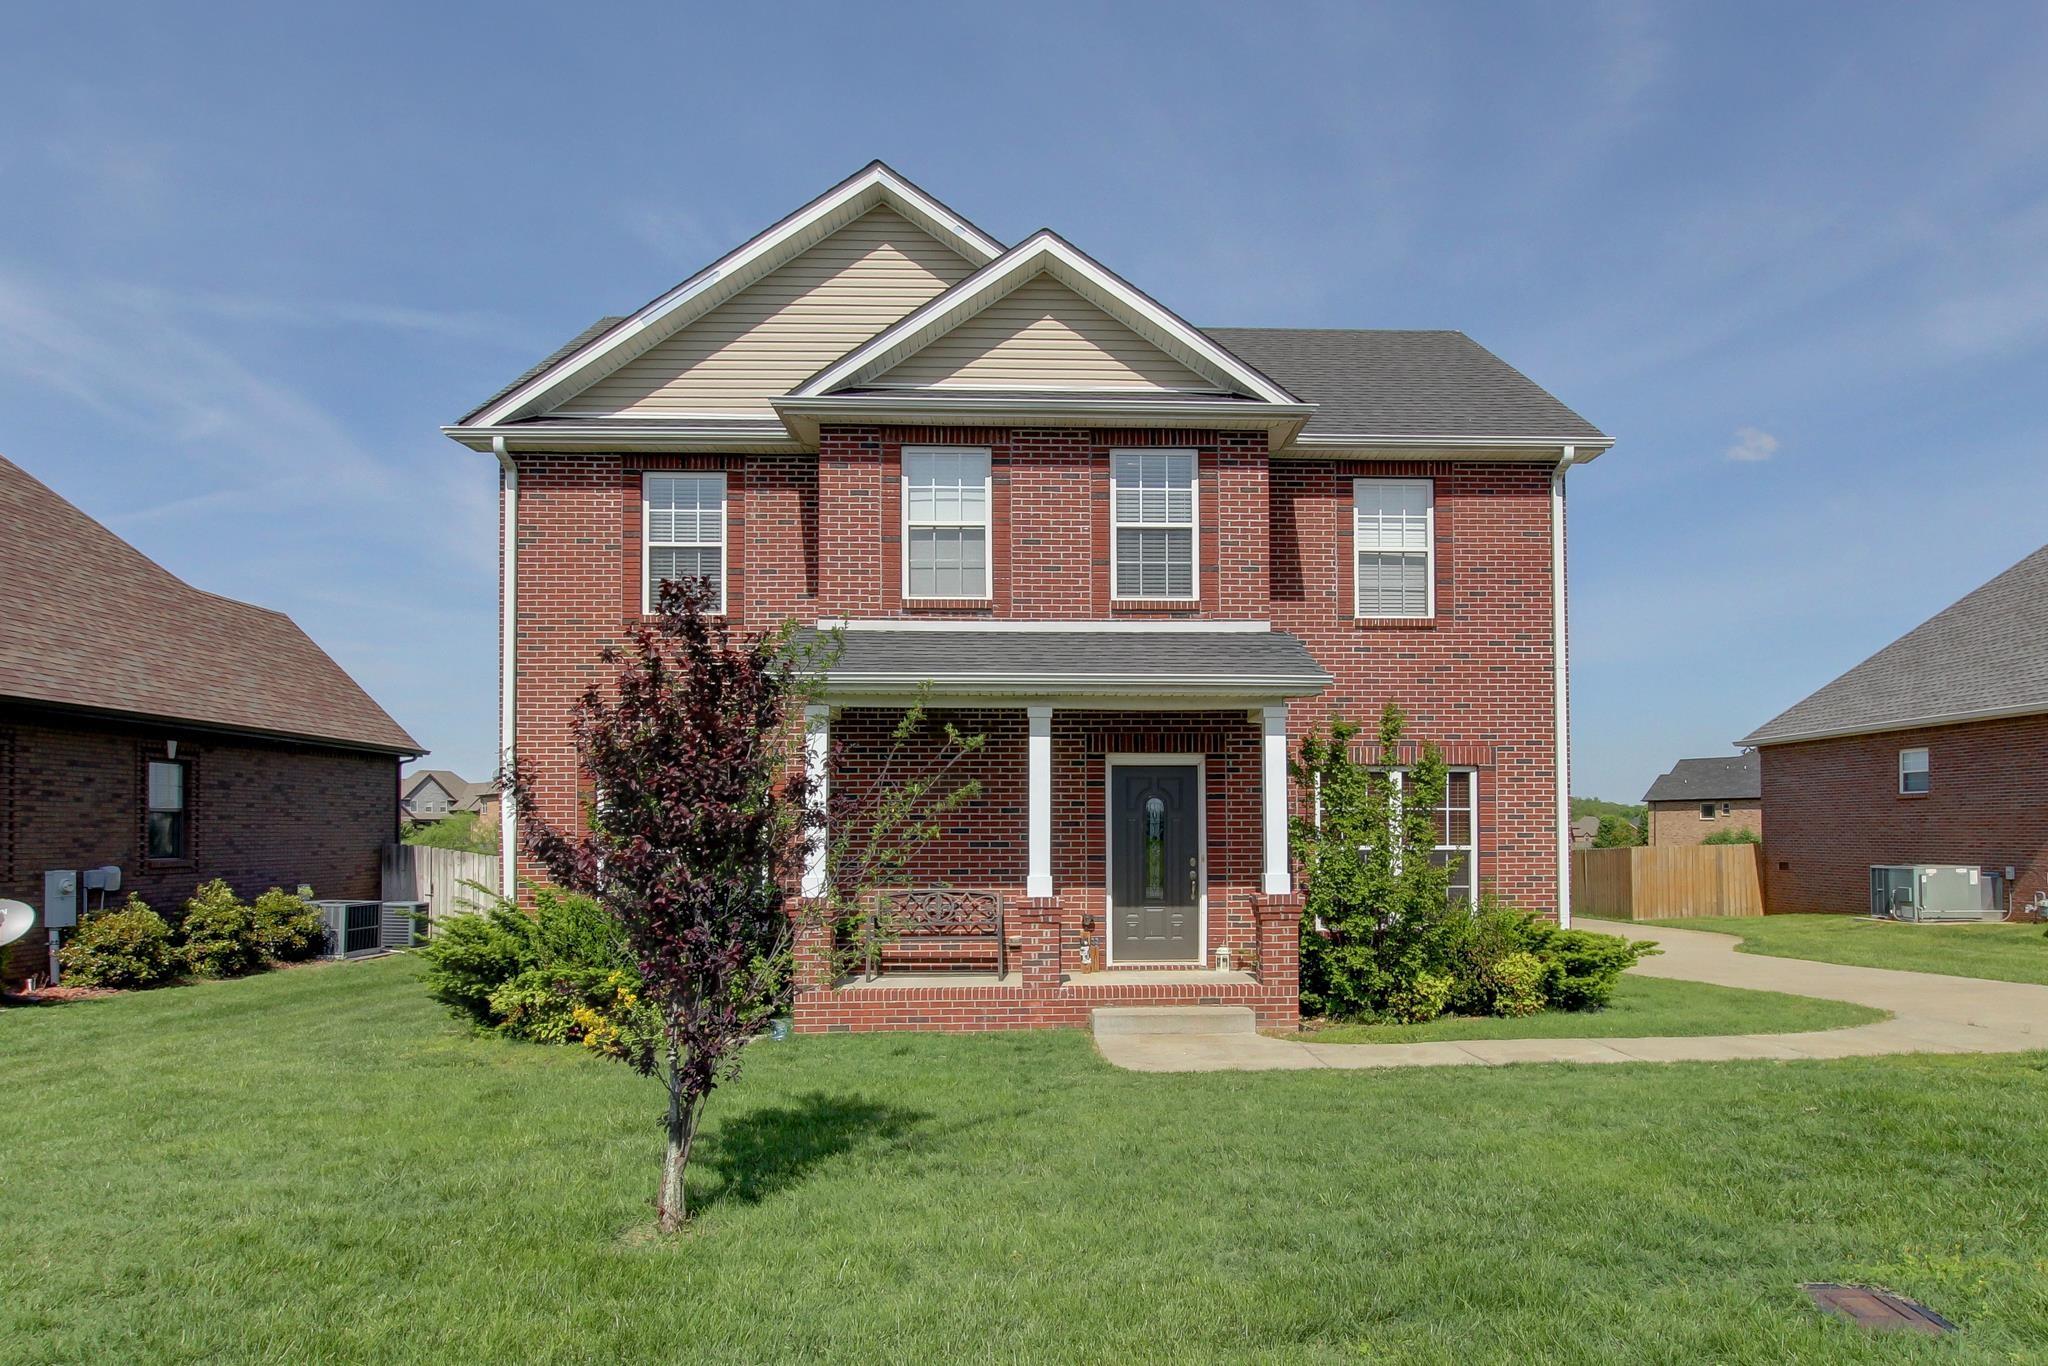 Homes for Sale in Farmington Subdivision Clarksville TN